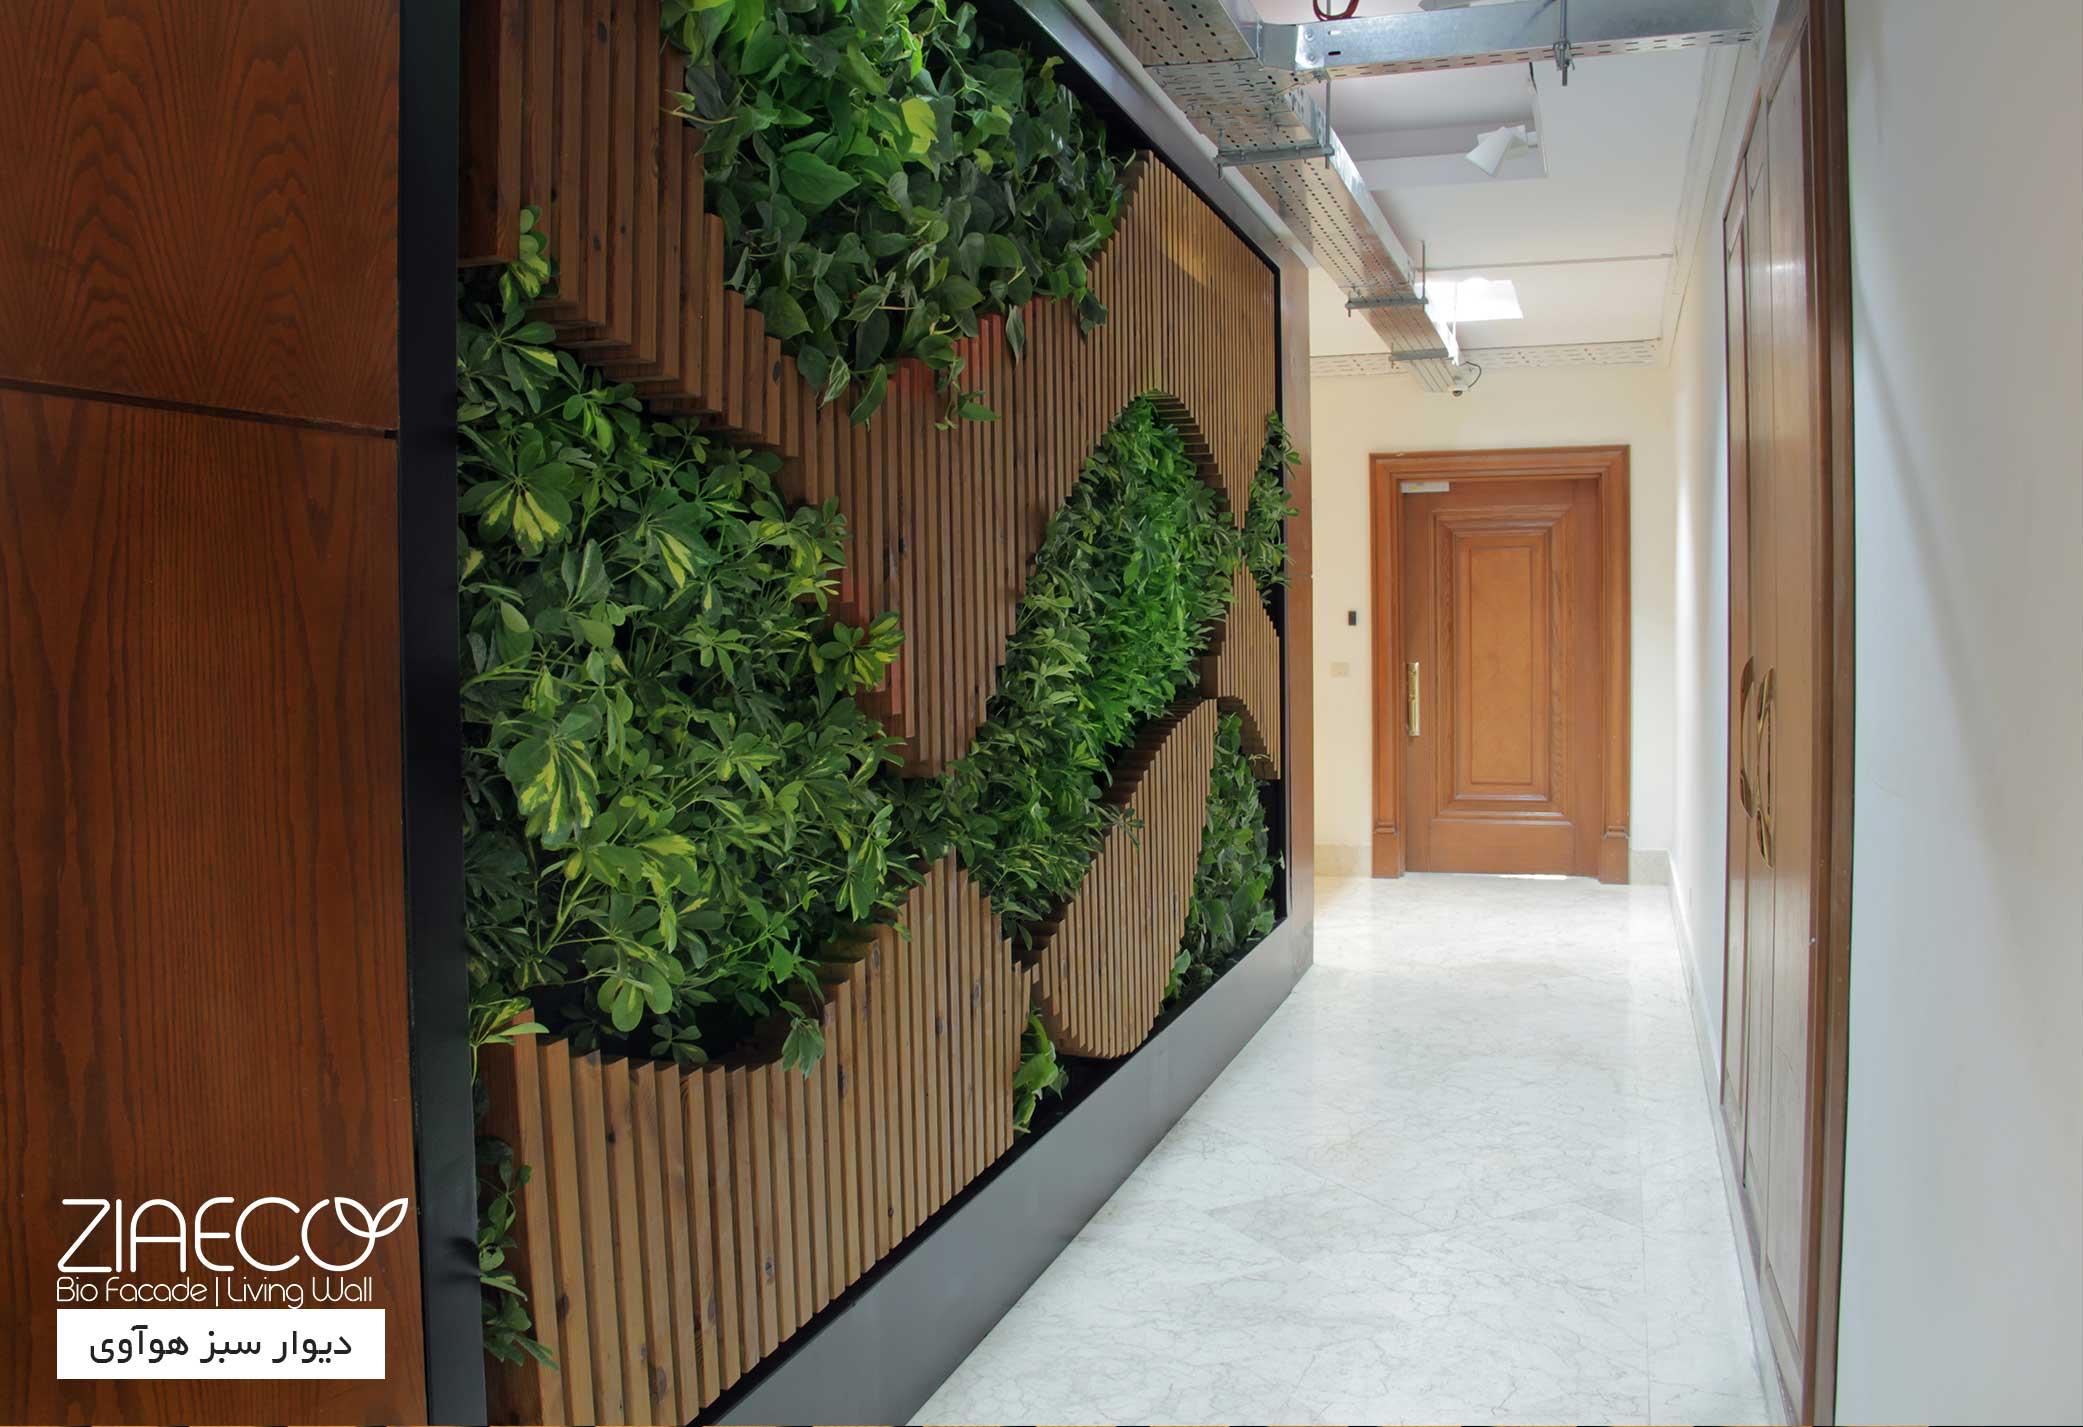 دیوار سبز یا گرین وال داخلی ضیااکو به روش هیدروپونیک در فضای داخلی ساختمان اداری شرکت هواوی واقع در سعادت آباد تهران